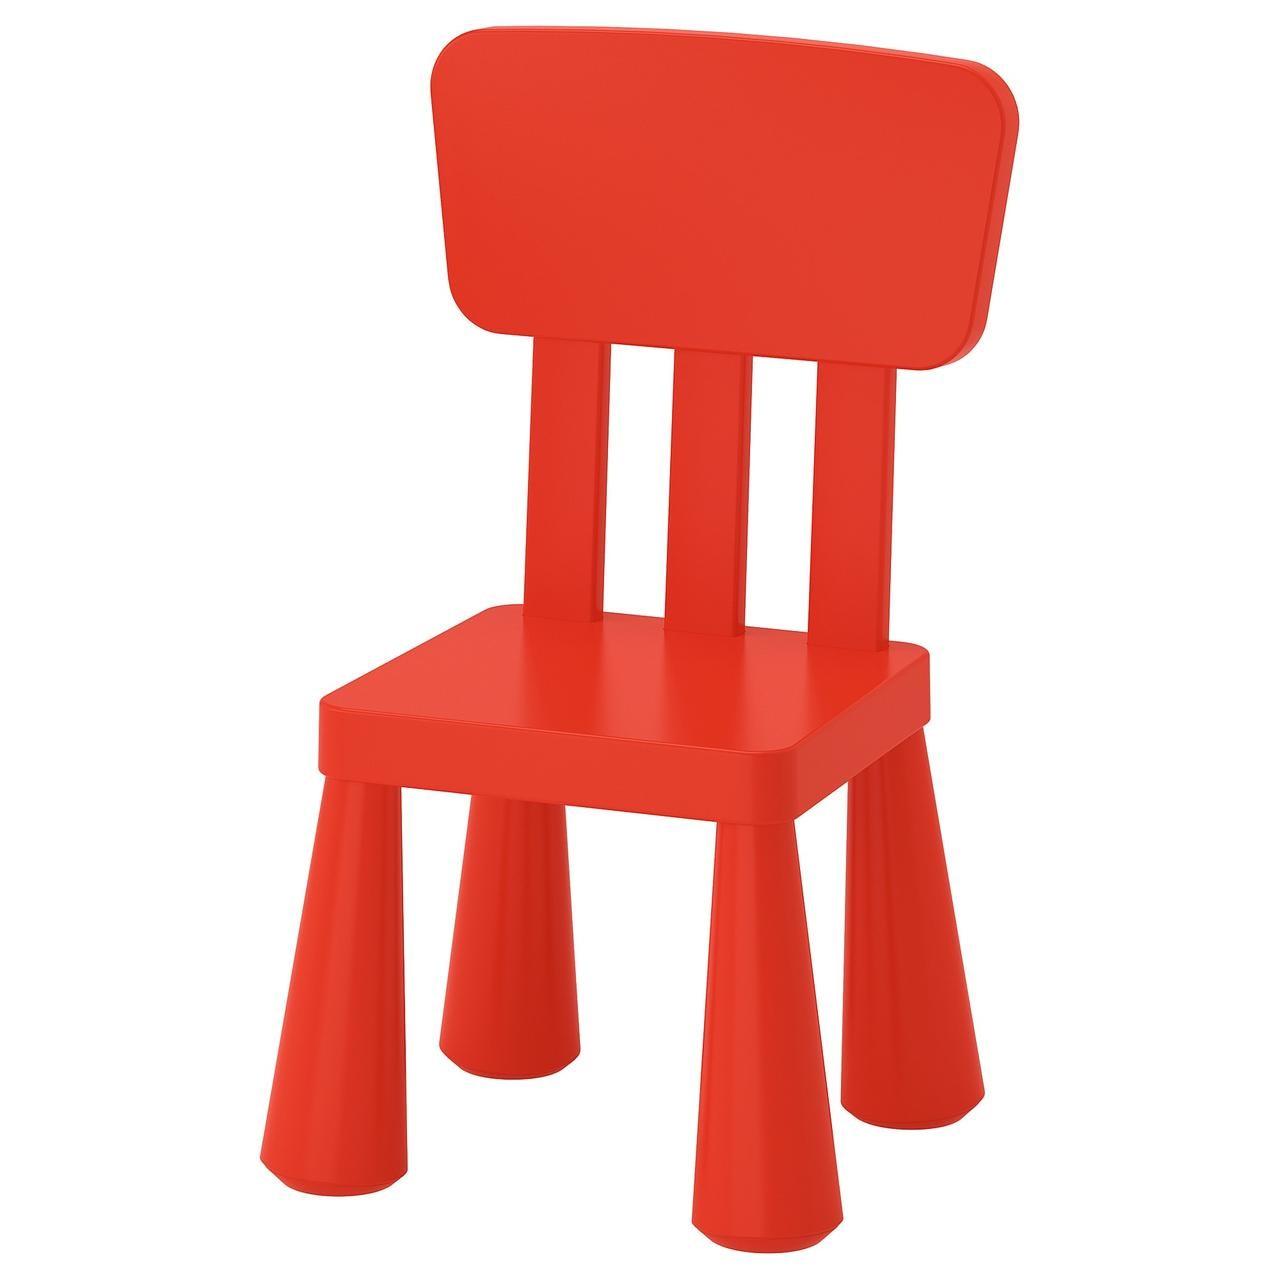 Выбираем детский стульчик: советы специалистов